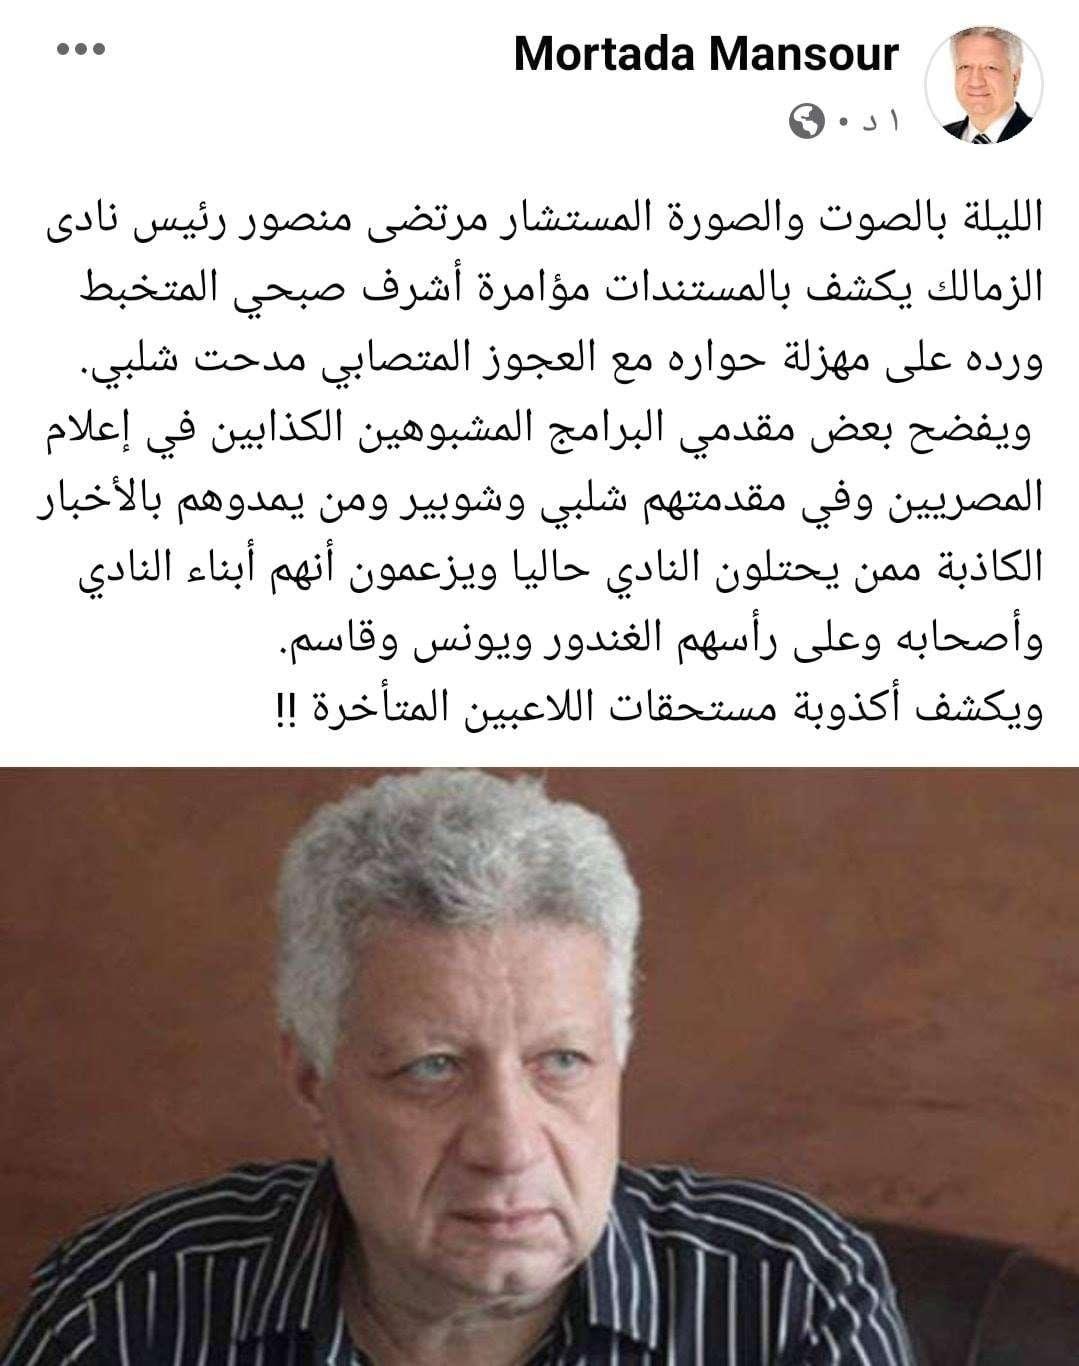 اتفرج.. بيان ناري من مرتضى منصور ضد وزير الرياضة